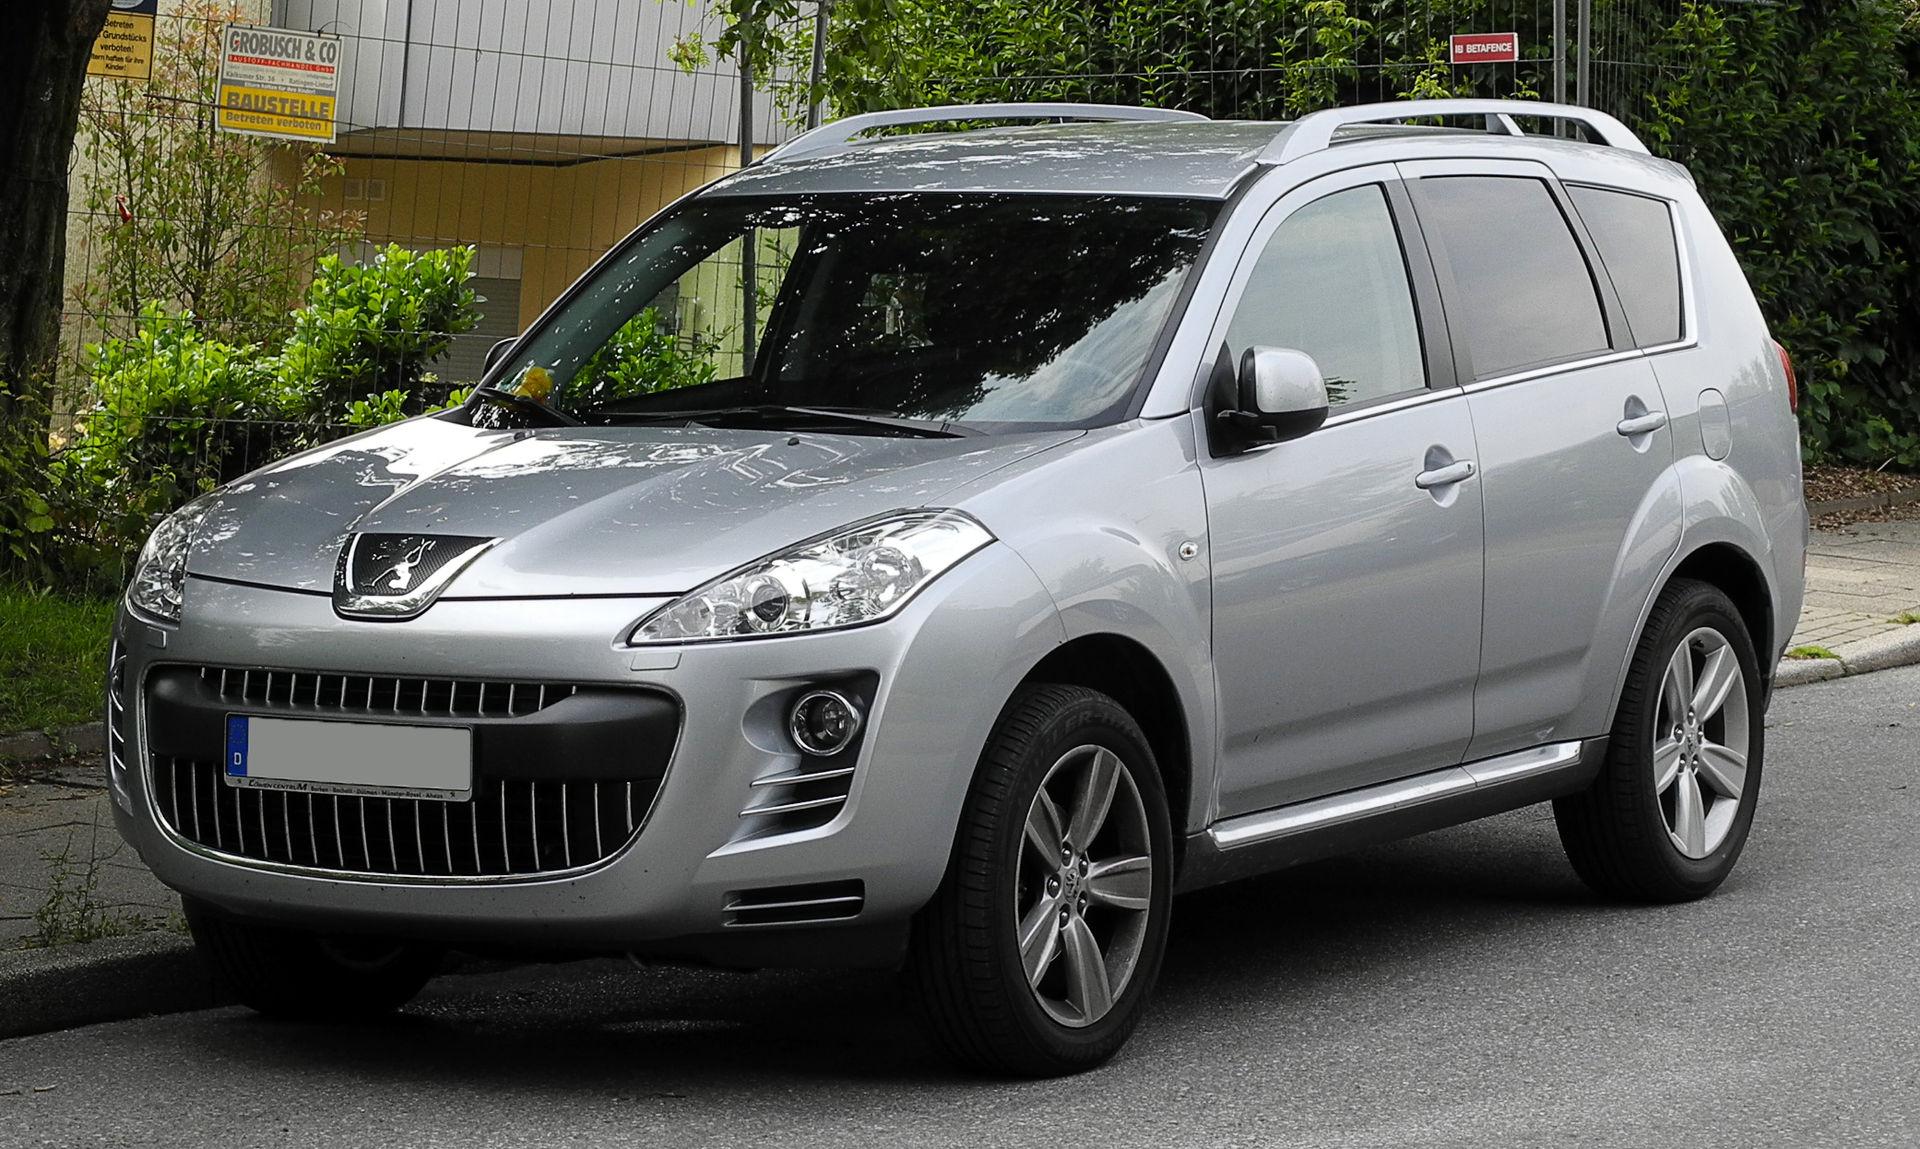 Peugeot 4007 - Wikipedia